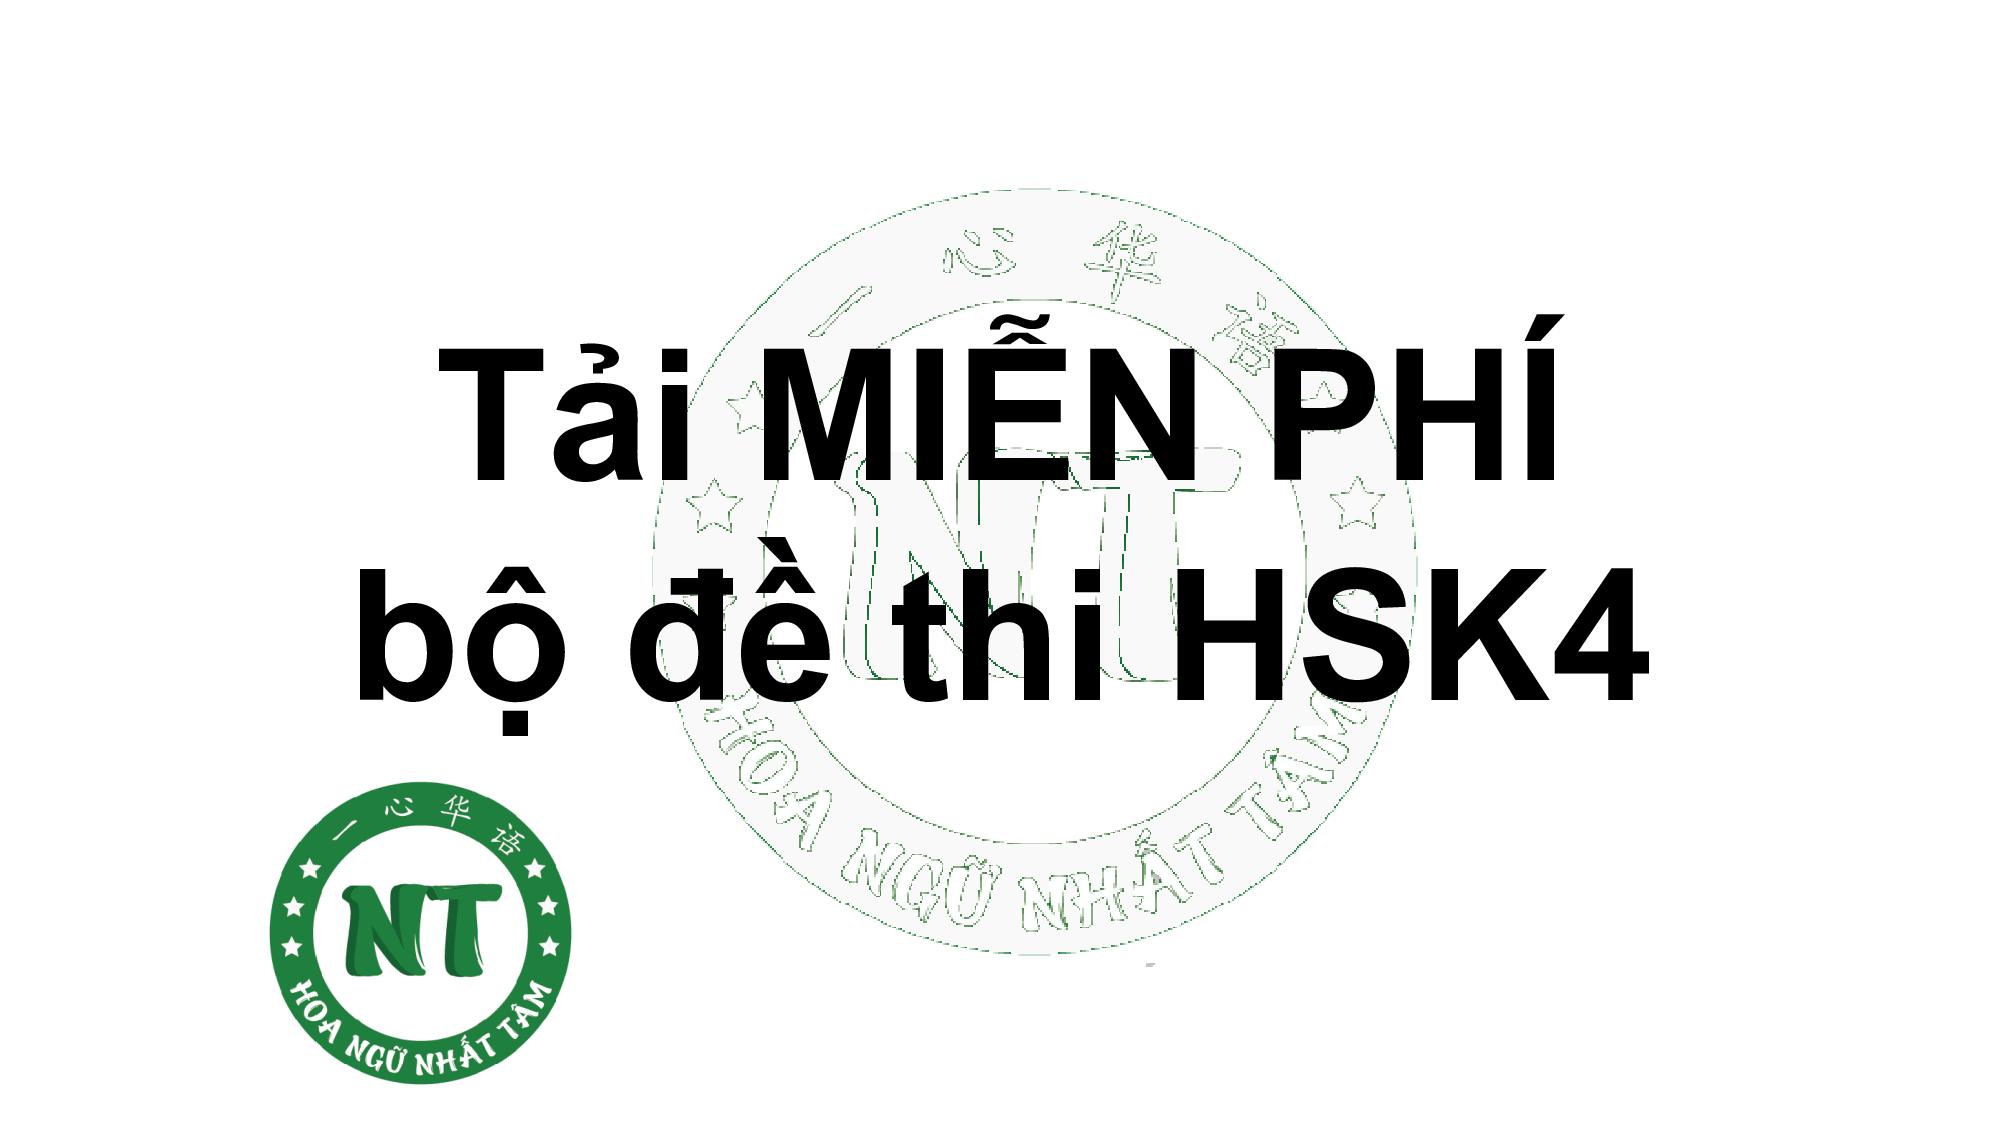 Tải MIỄN PHÍ bộ đề thi HSK4